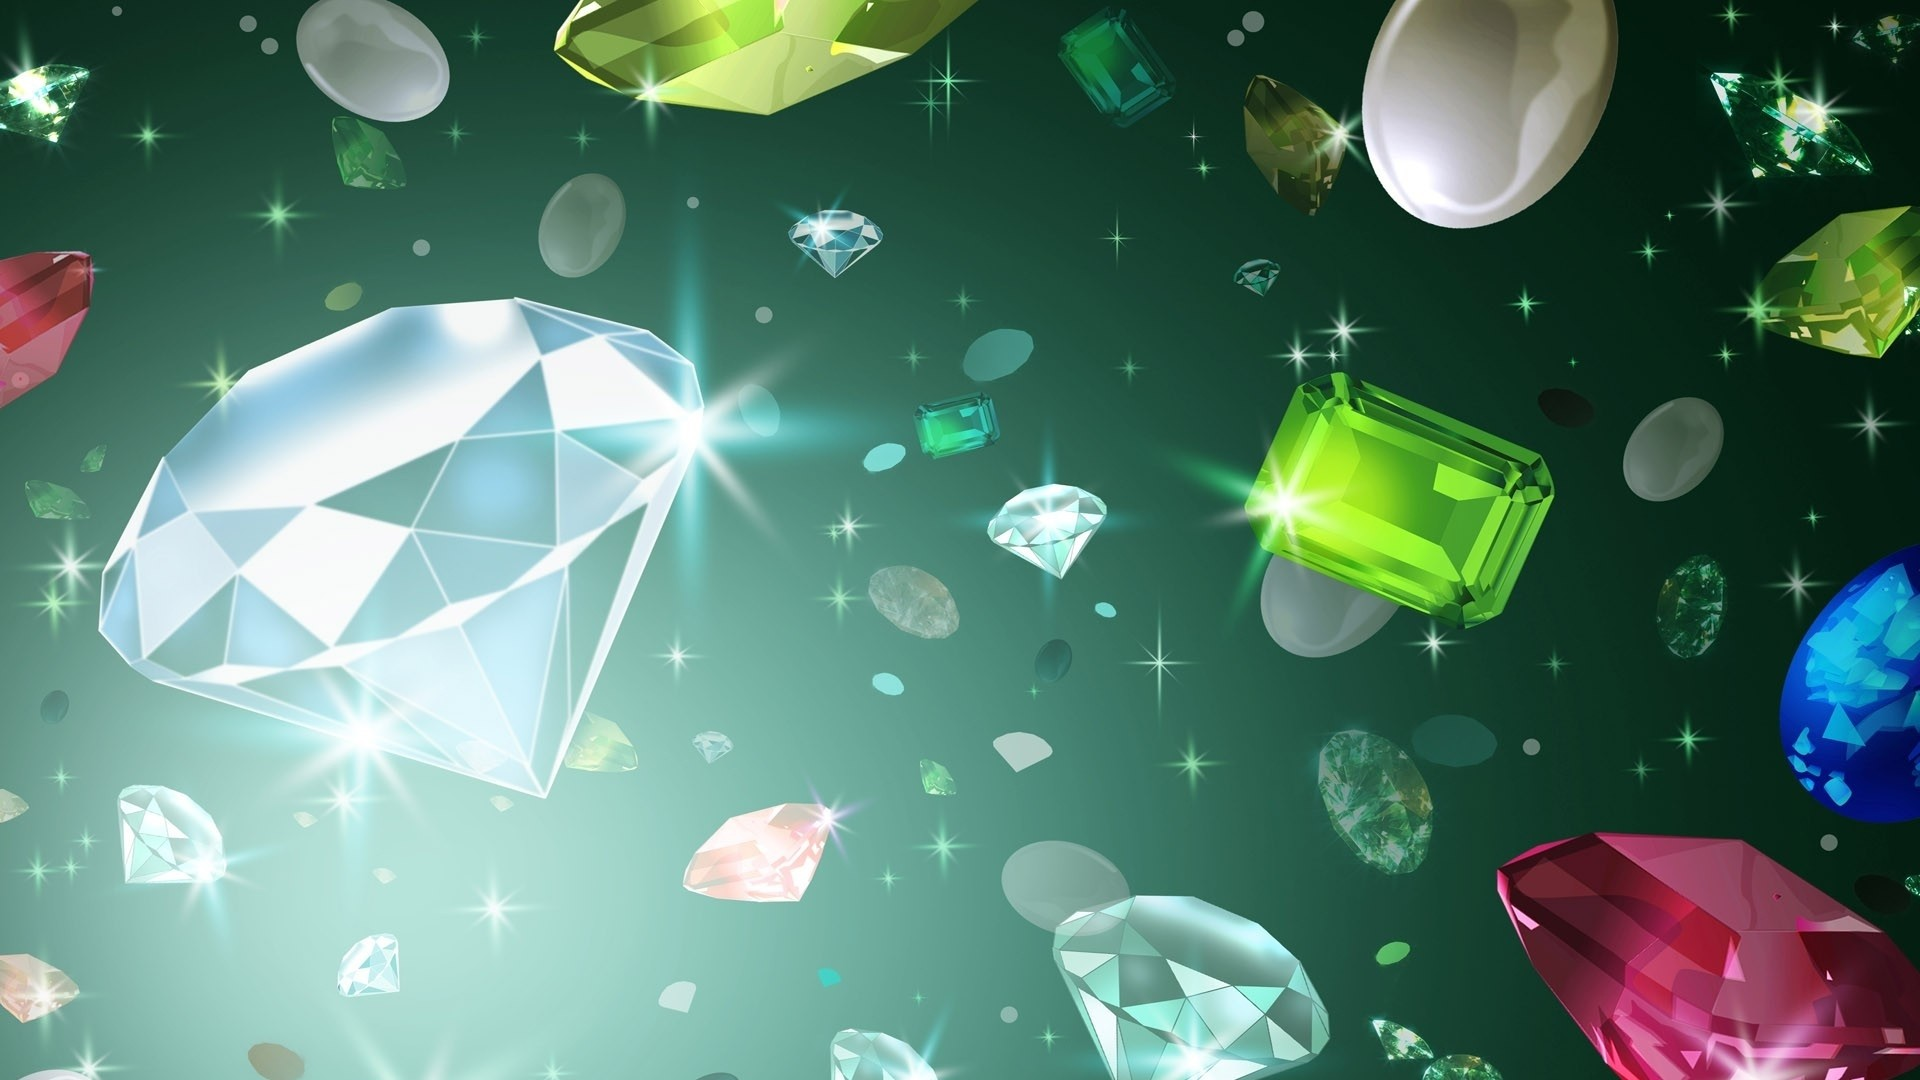 Gems Wallpaper